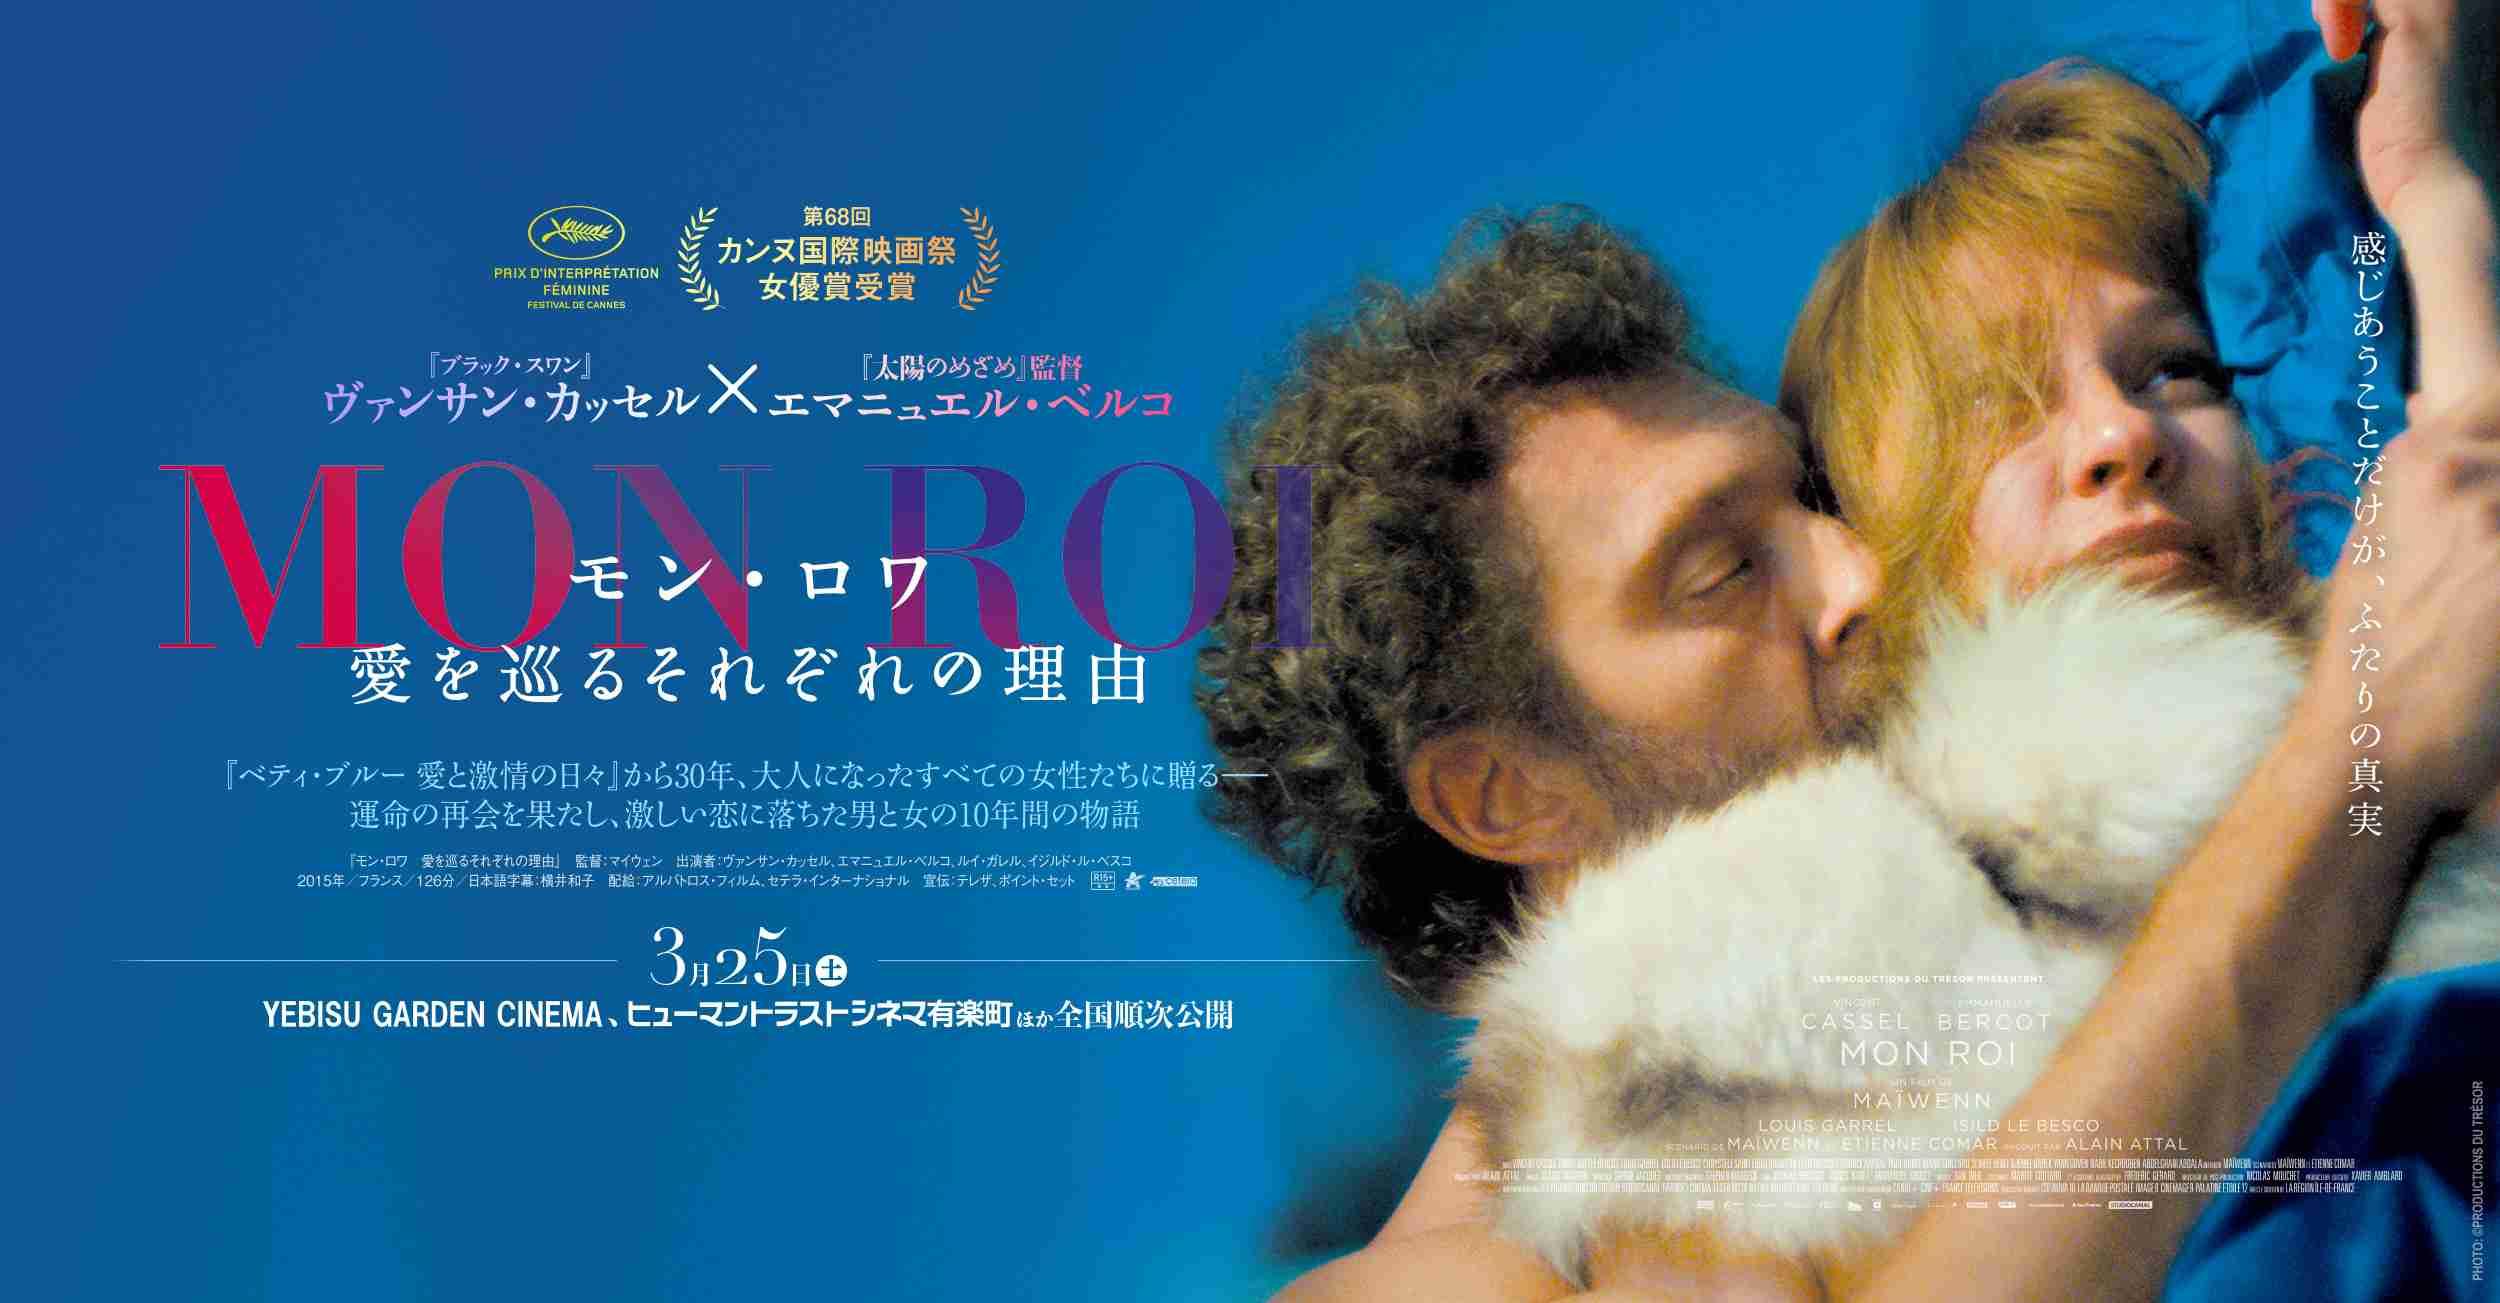 最近映画館で観た映画